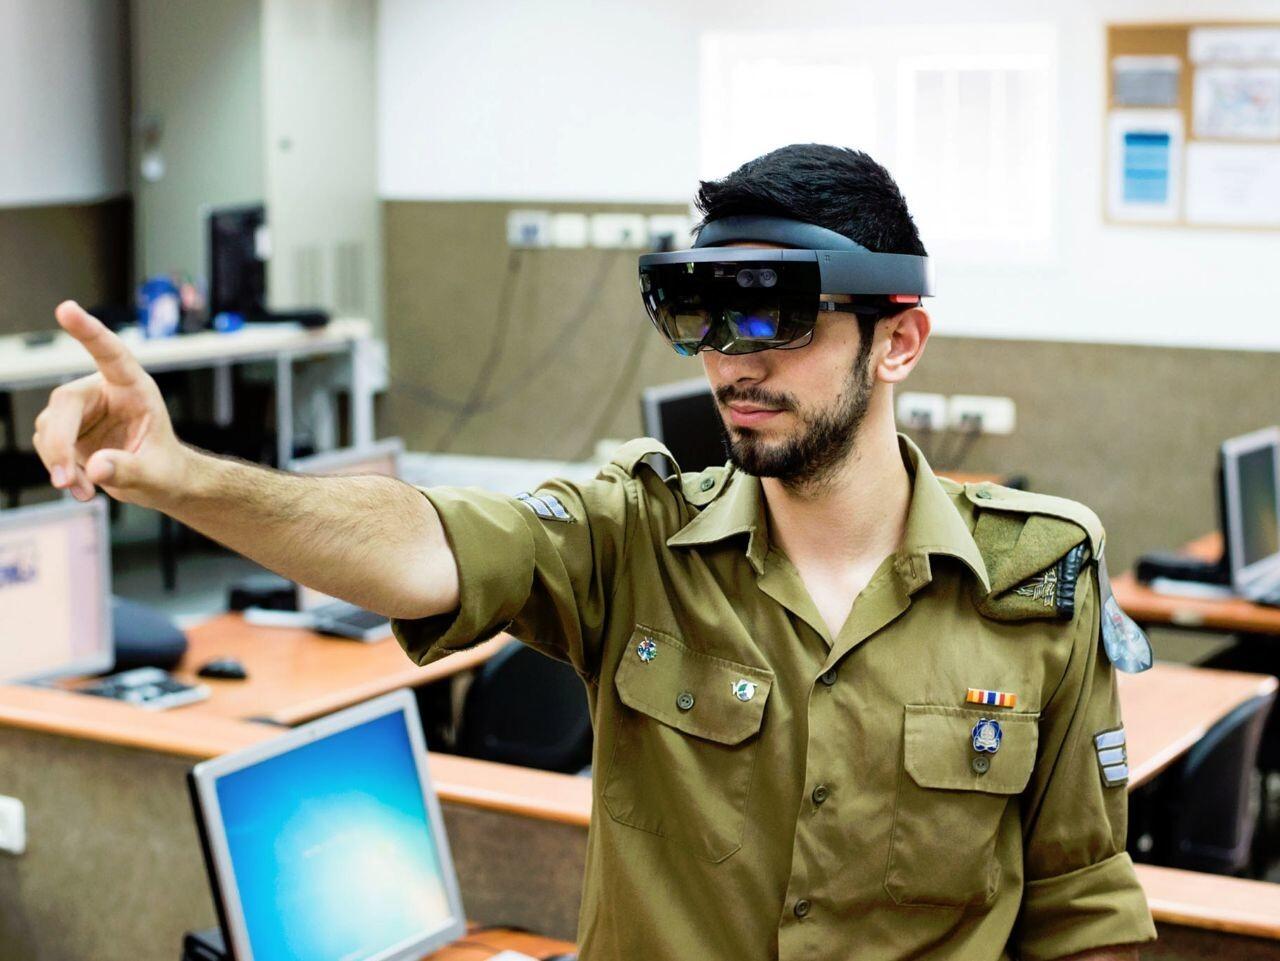 Microsoft оснастит армию США шлемами смешанной реальности на 22 миллиарда долларов